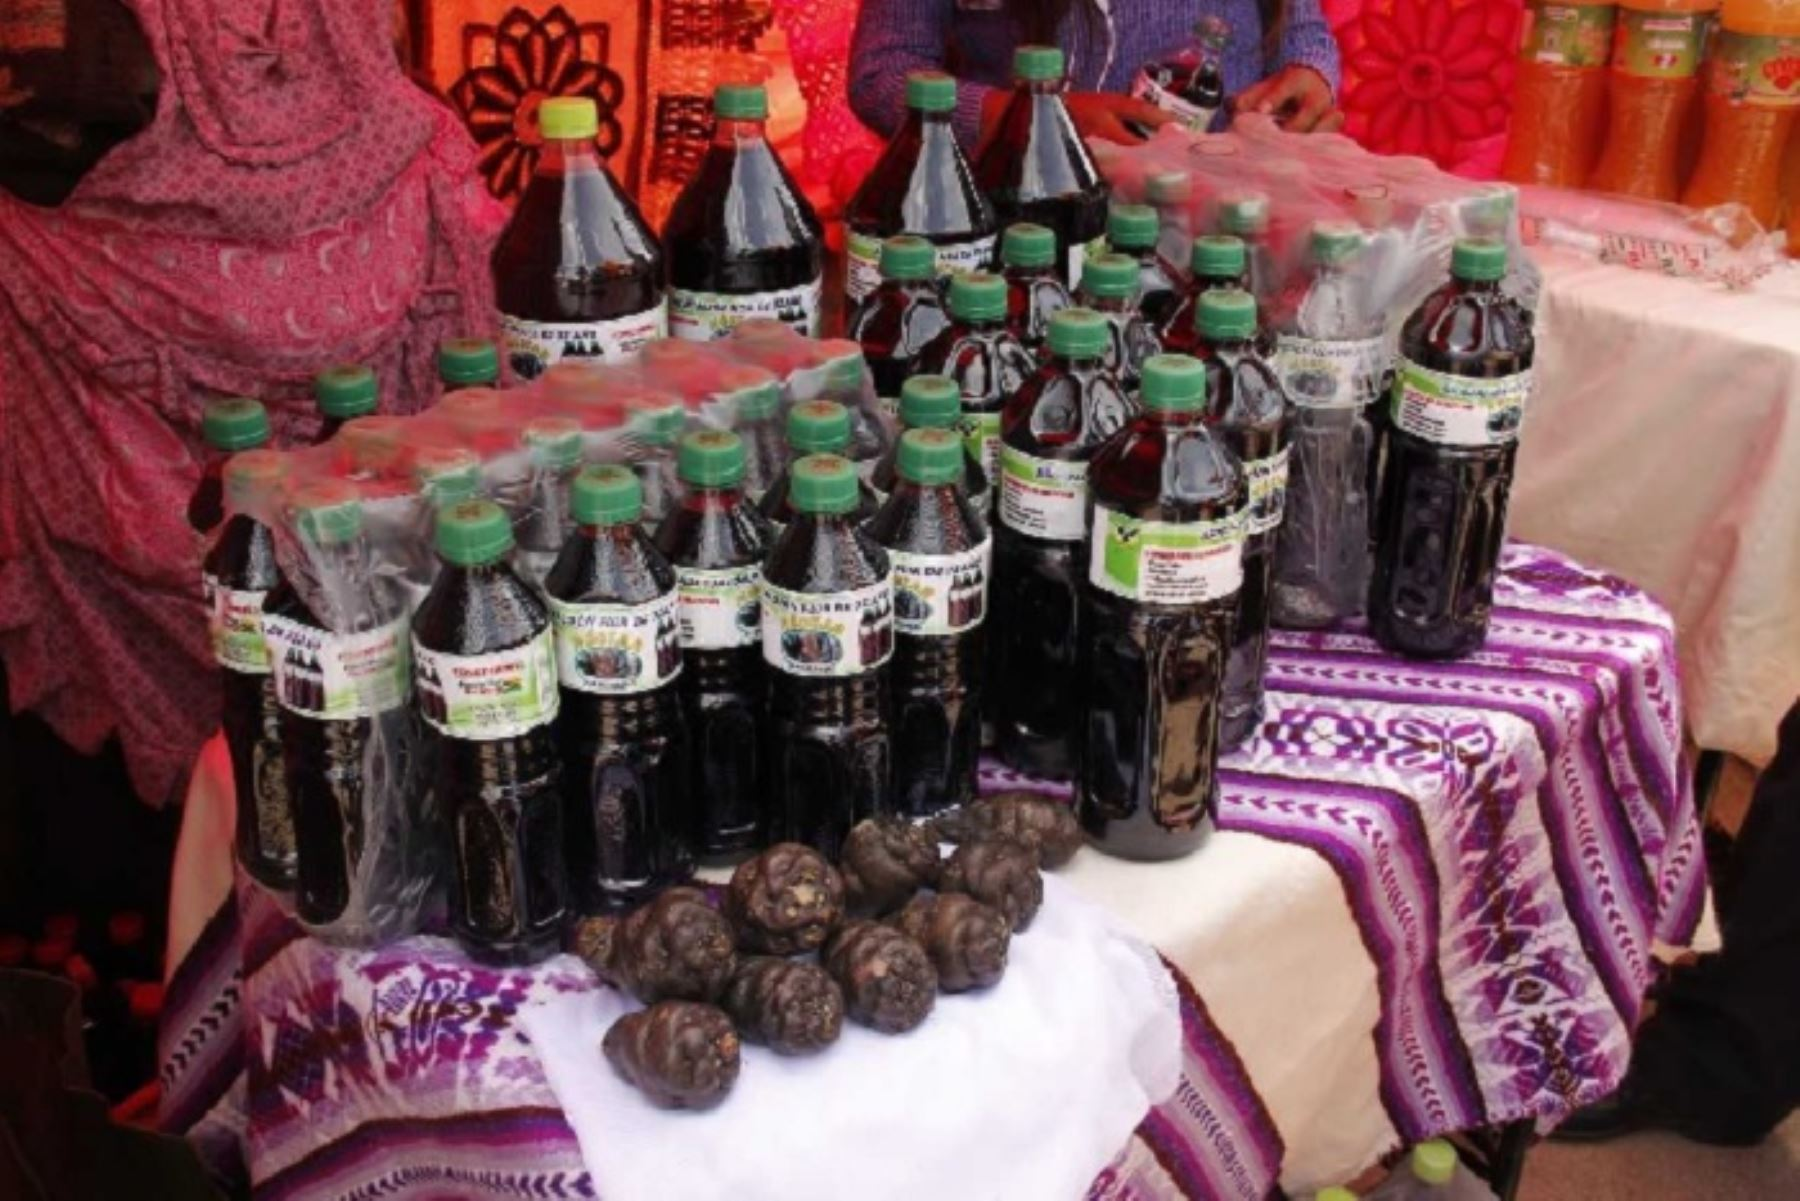 Agricultores del distrito puneño de Ayapata presentaron el néctar de izaño como innovación para conquistar nuevos paladares, pero principalmente para prevenir enfermedades como la diabetes, anemia, cálculos renales, próstata y cáncer.